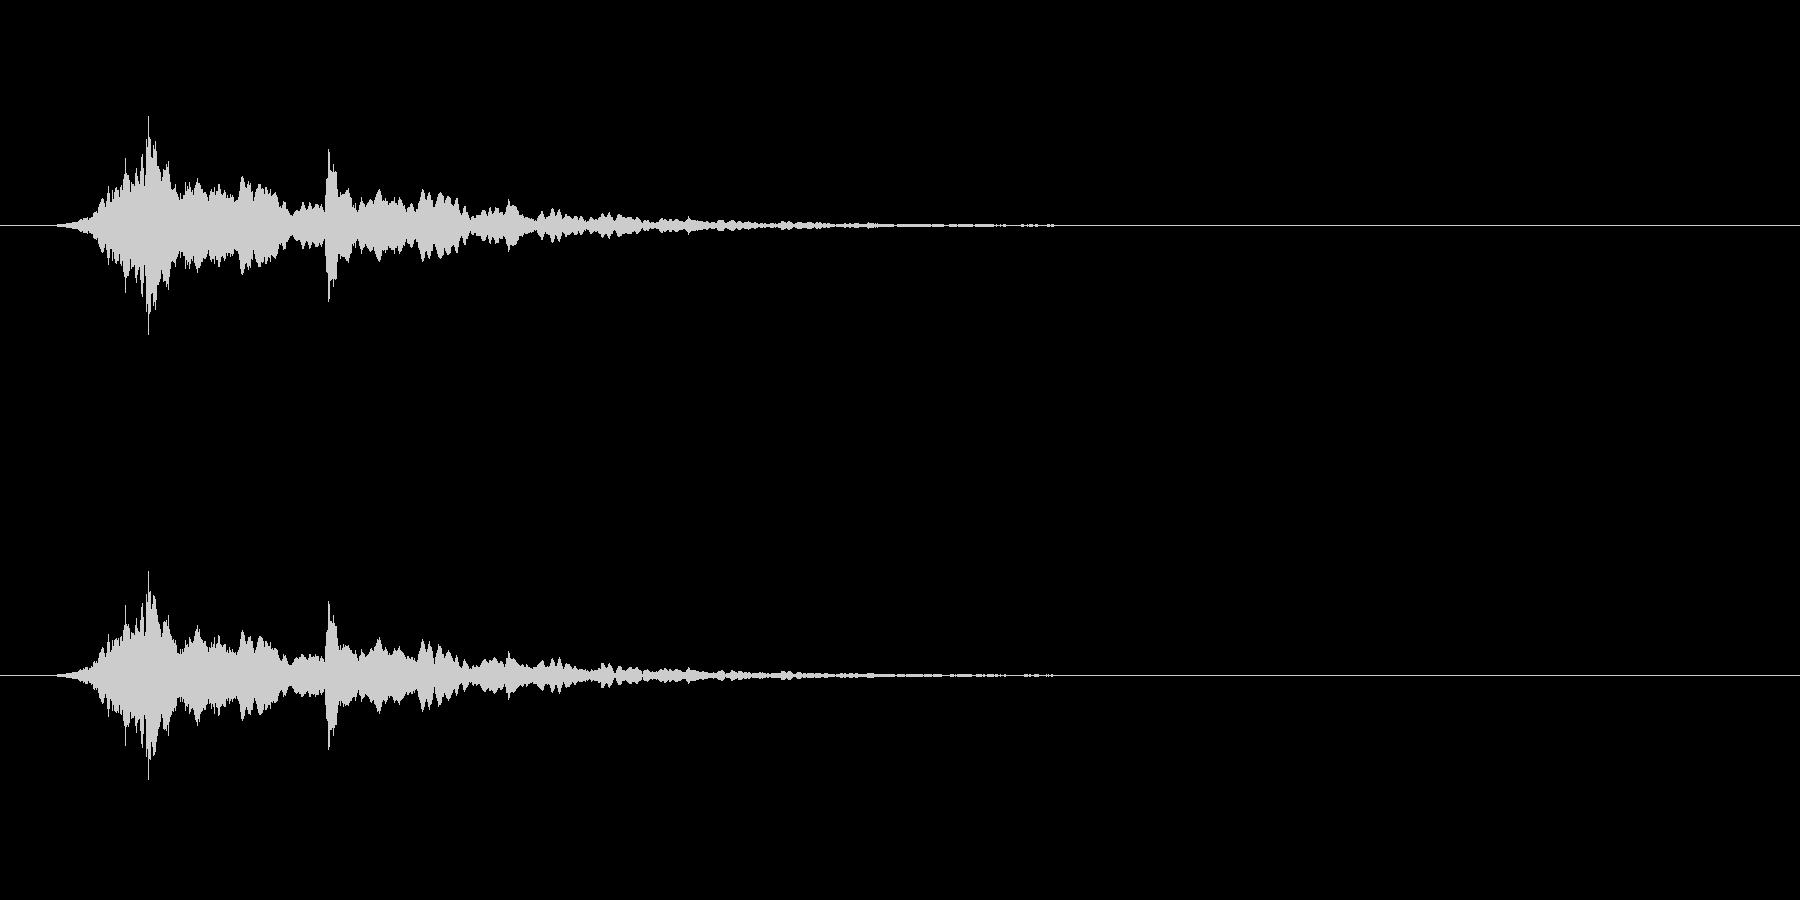 【アクセント12-4】の未再生の波形